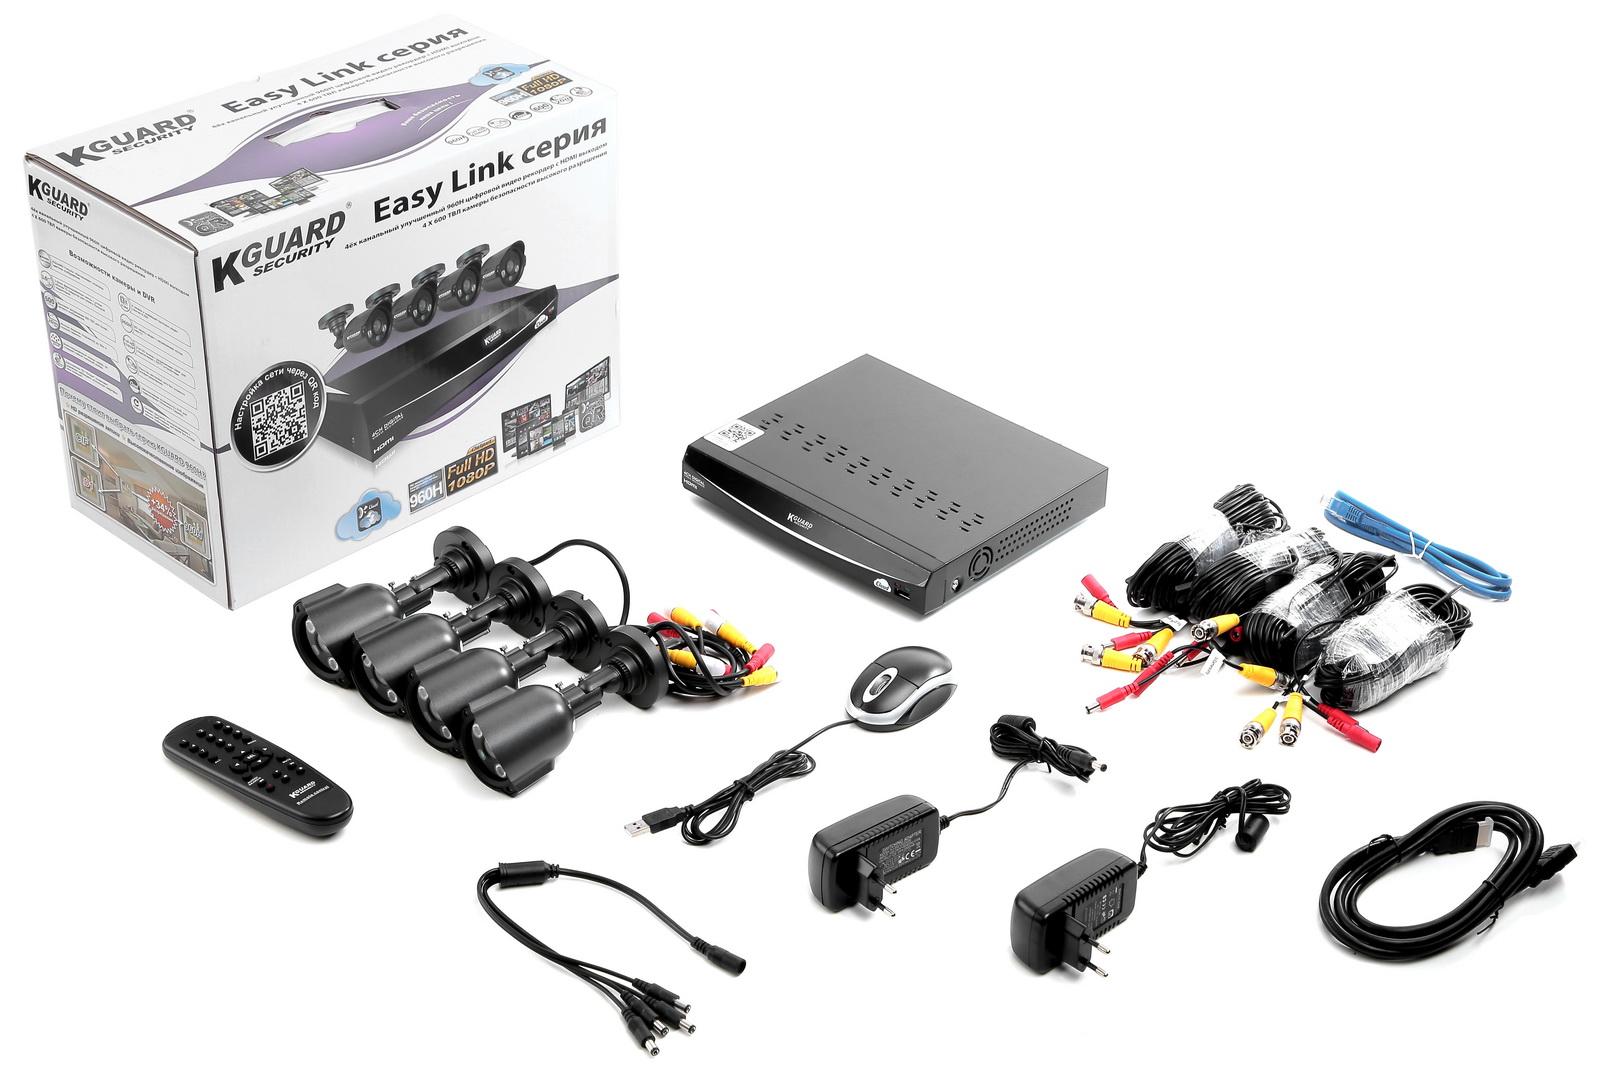 Комплект видеонаблюдения Kguard El421-4hw212b от 220 Вольт